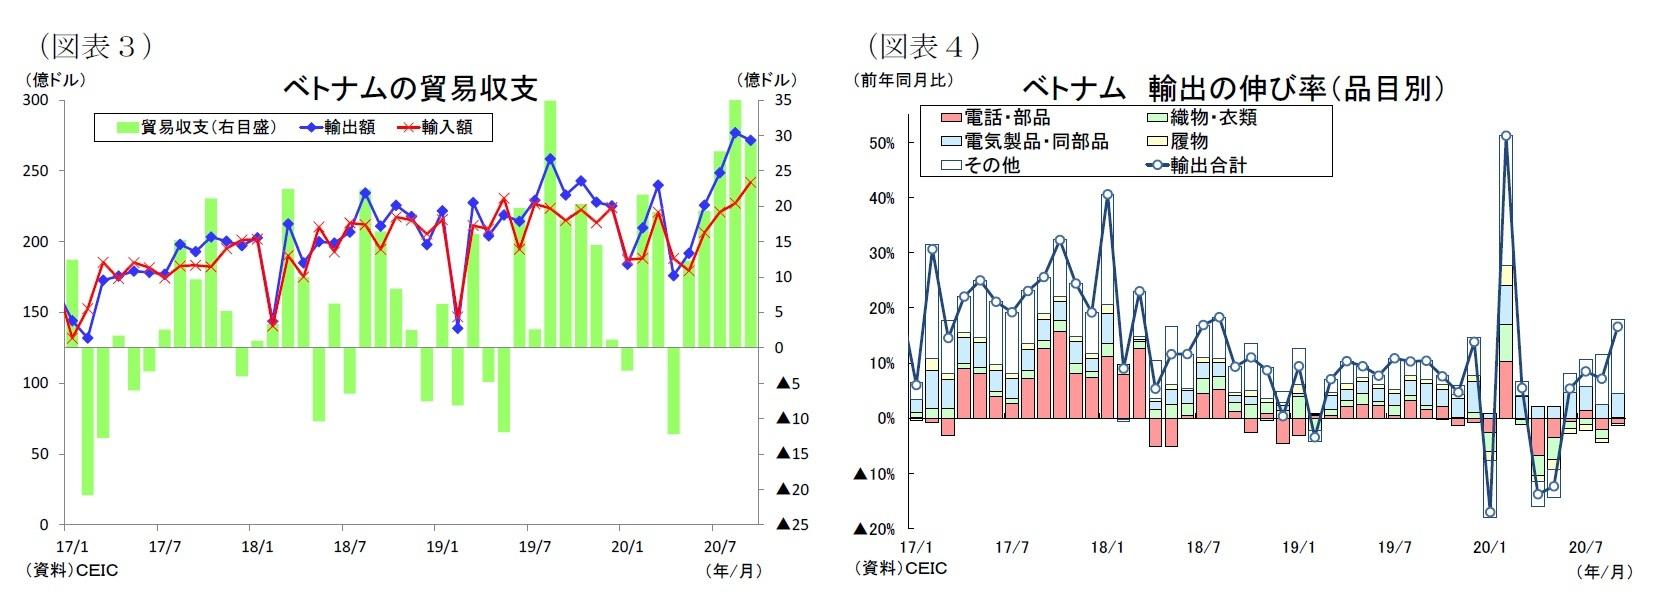 (図表3)ベトナムの貿易収支/(図表4)ベトナム輸出の伸び率(品目別)